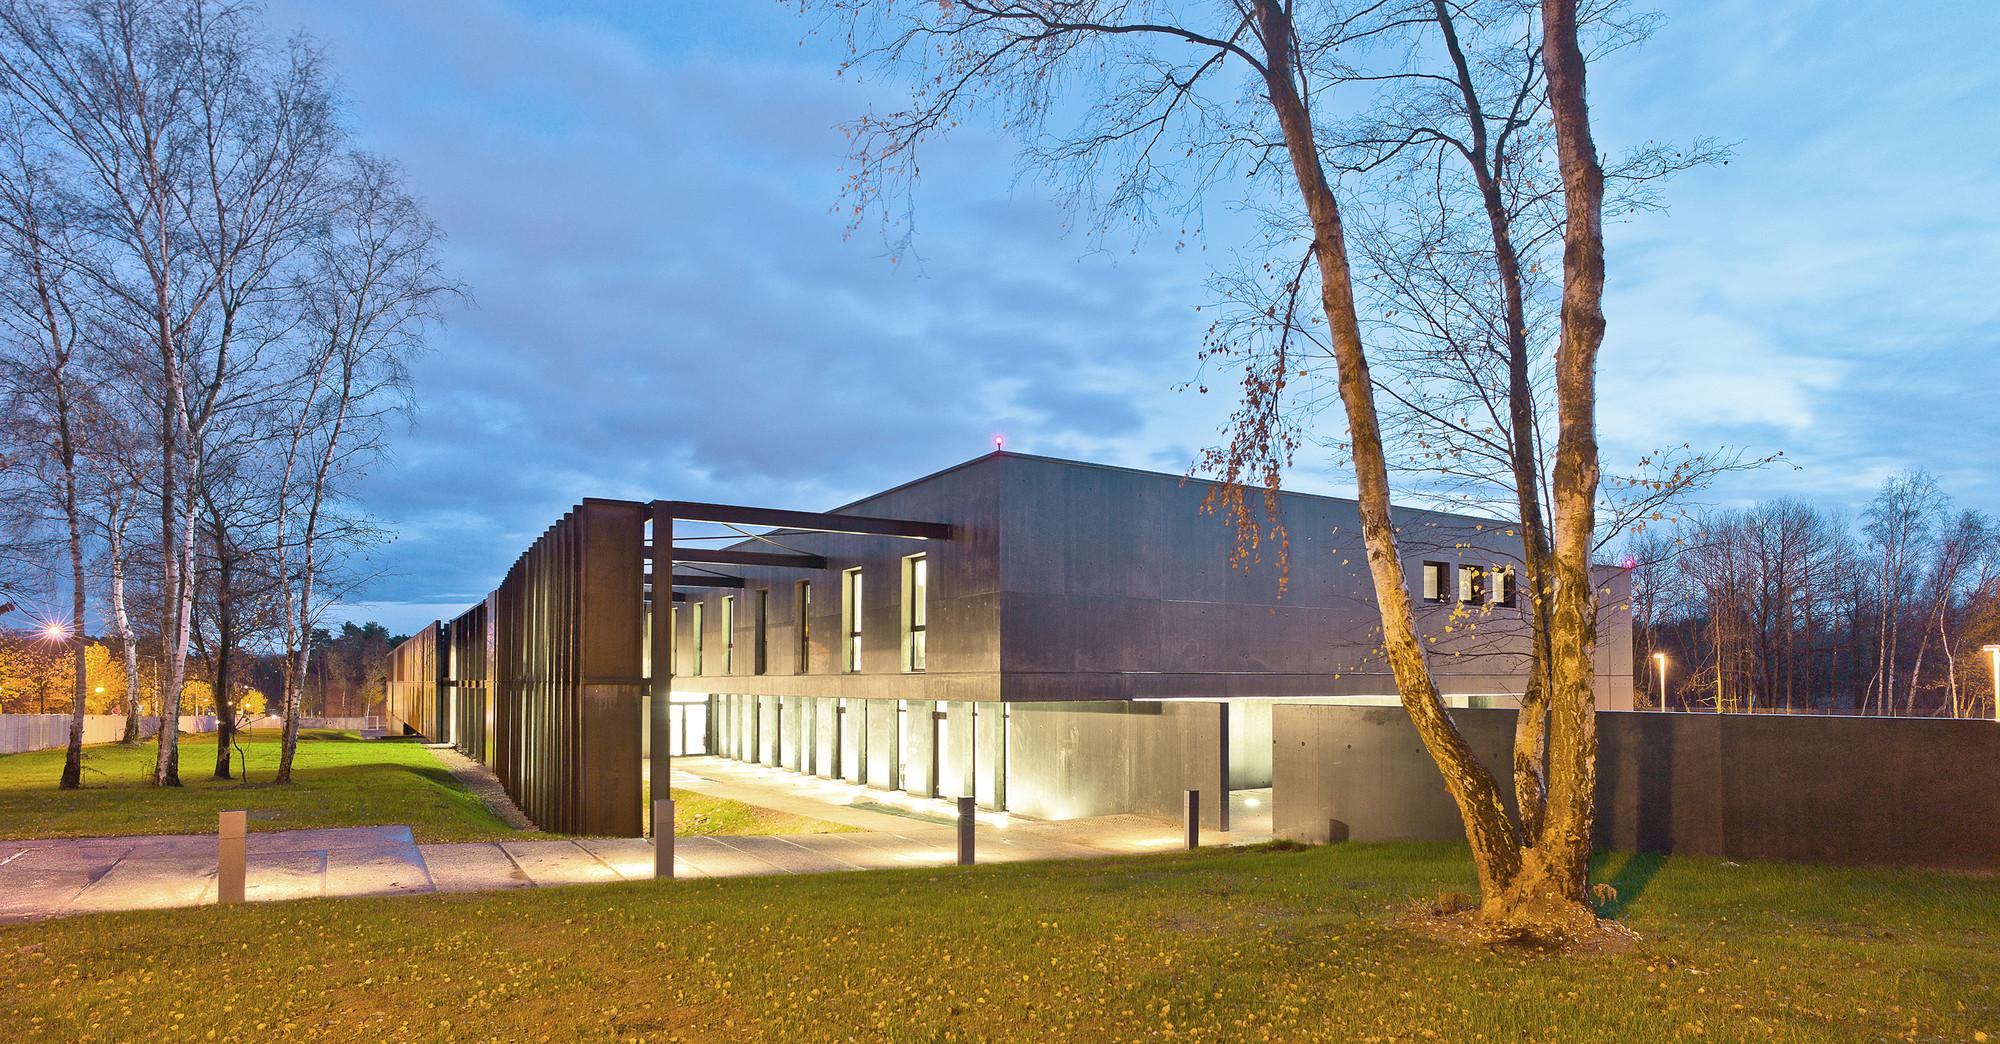 Courtesy of Christophe Bidaud Architecture